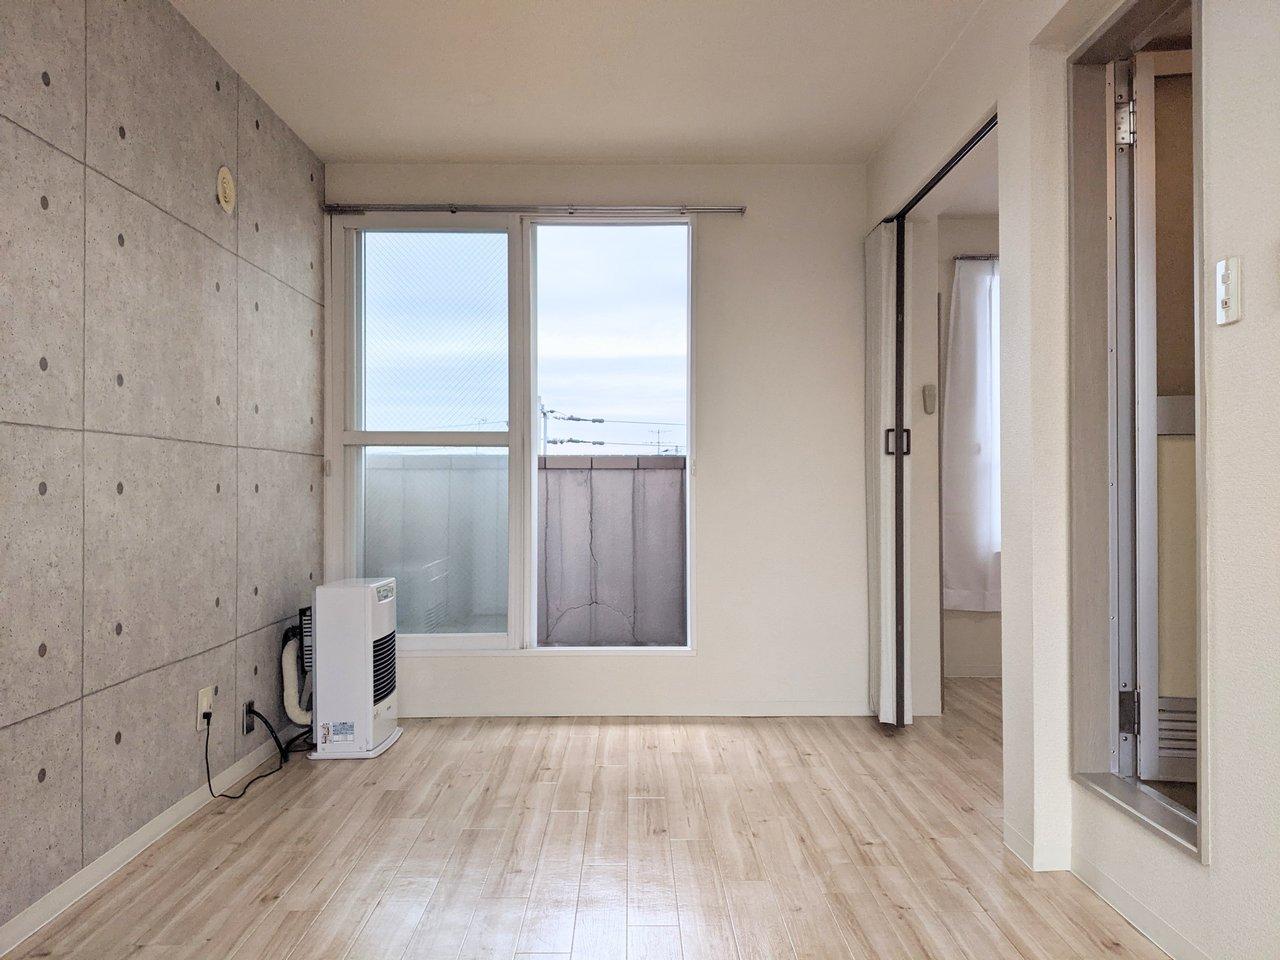 ここからは、コンクリート打ちっぱなし風の壁紙を使用していたり、お部屋の一部にコンクリが使われているお部屋の紹介です。こちらの部屋はコンクリ風の壁紙を一面に使用。窓も多く、風がよく通りそうな気持ちよい部屋ですね。